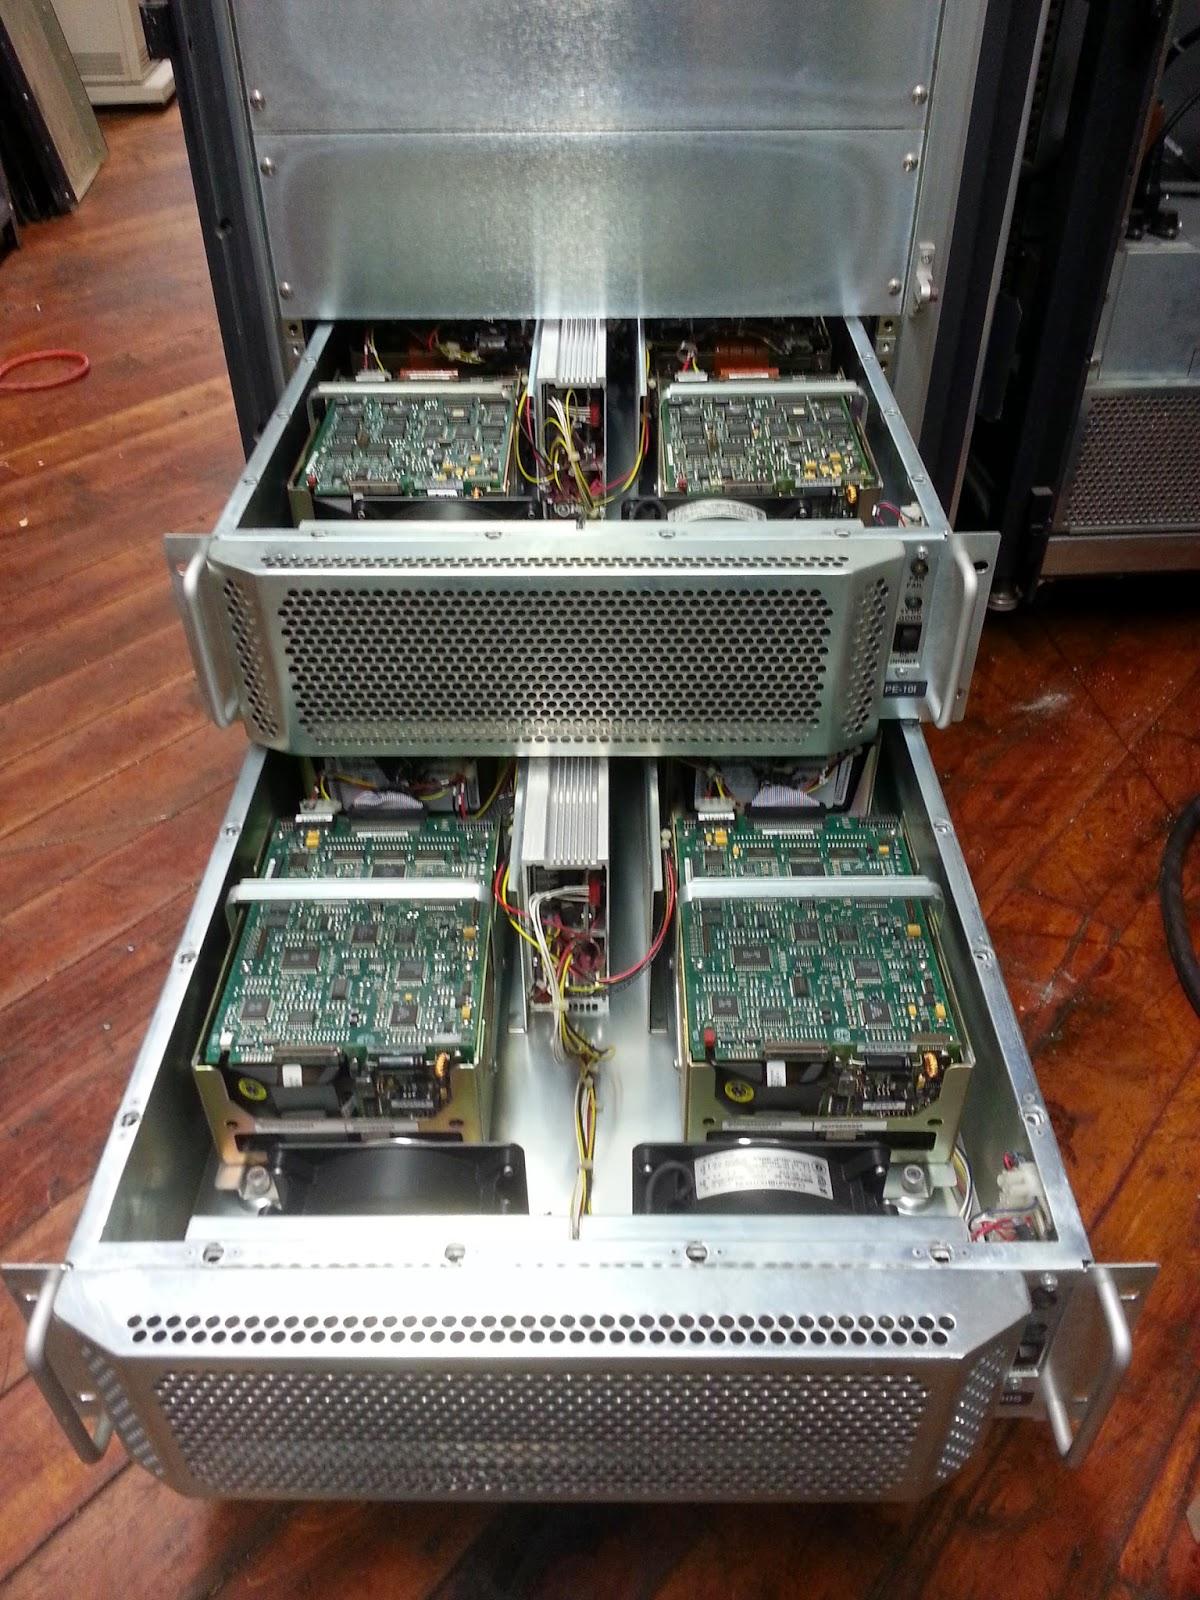 Disk arrays